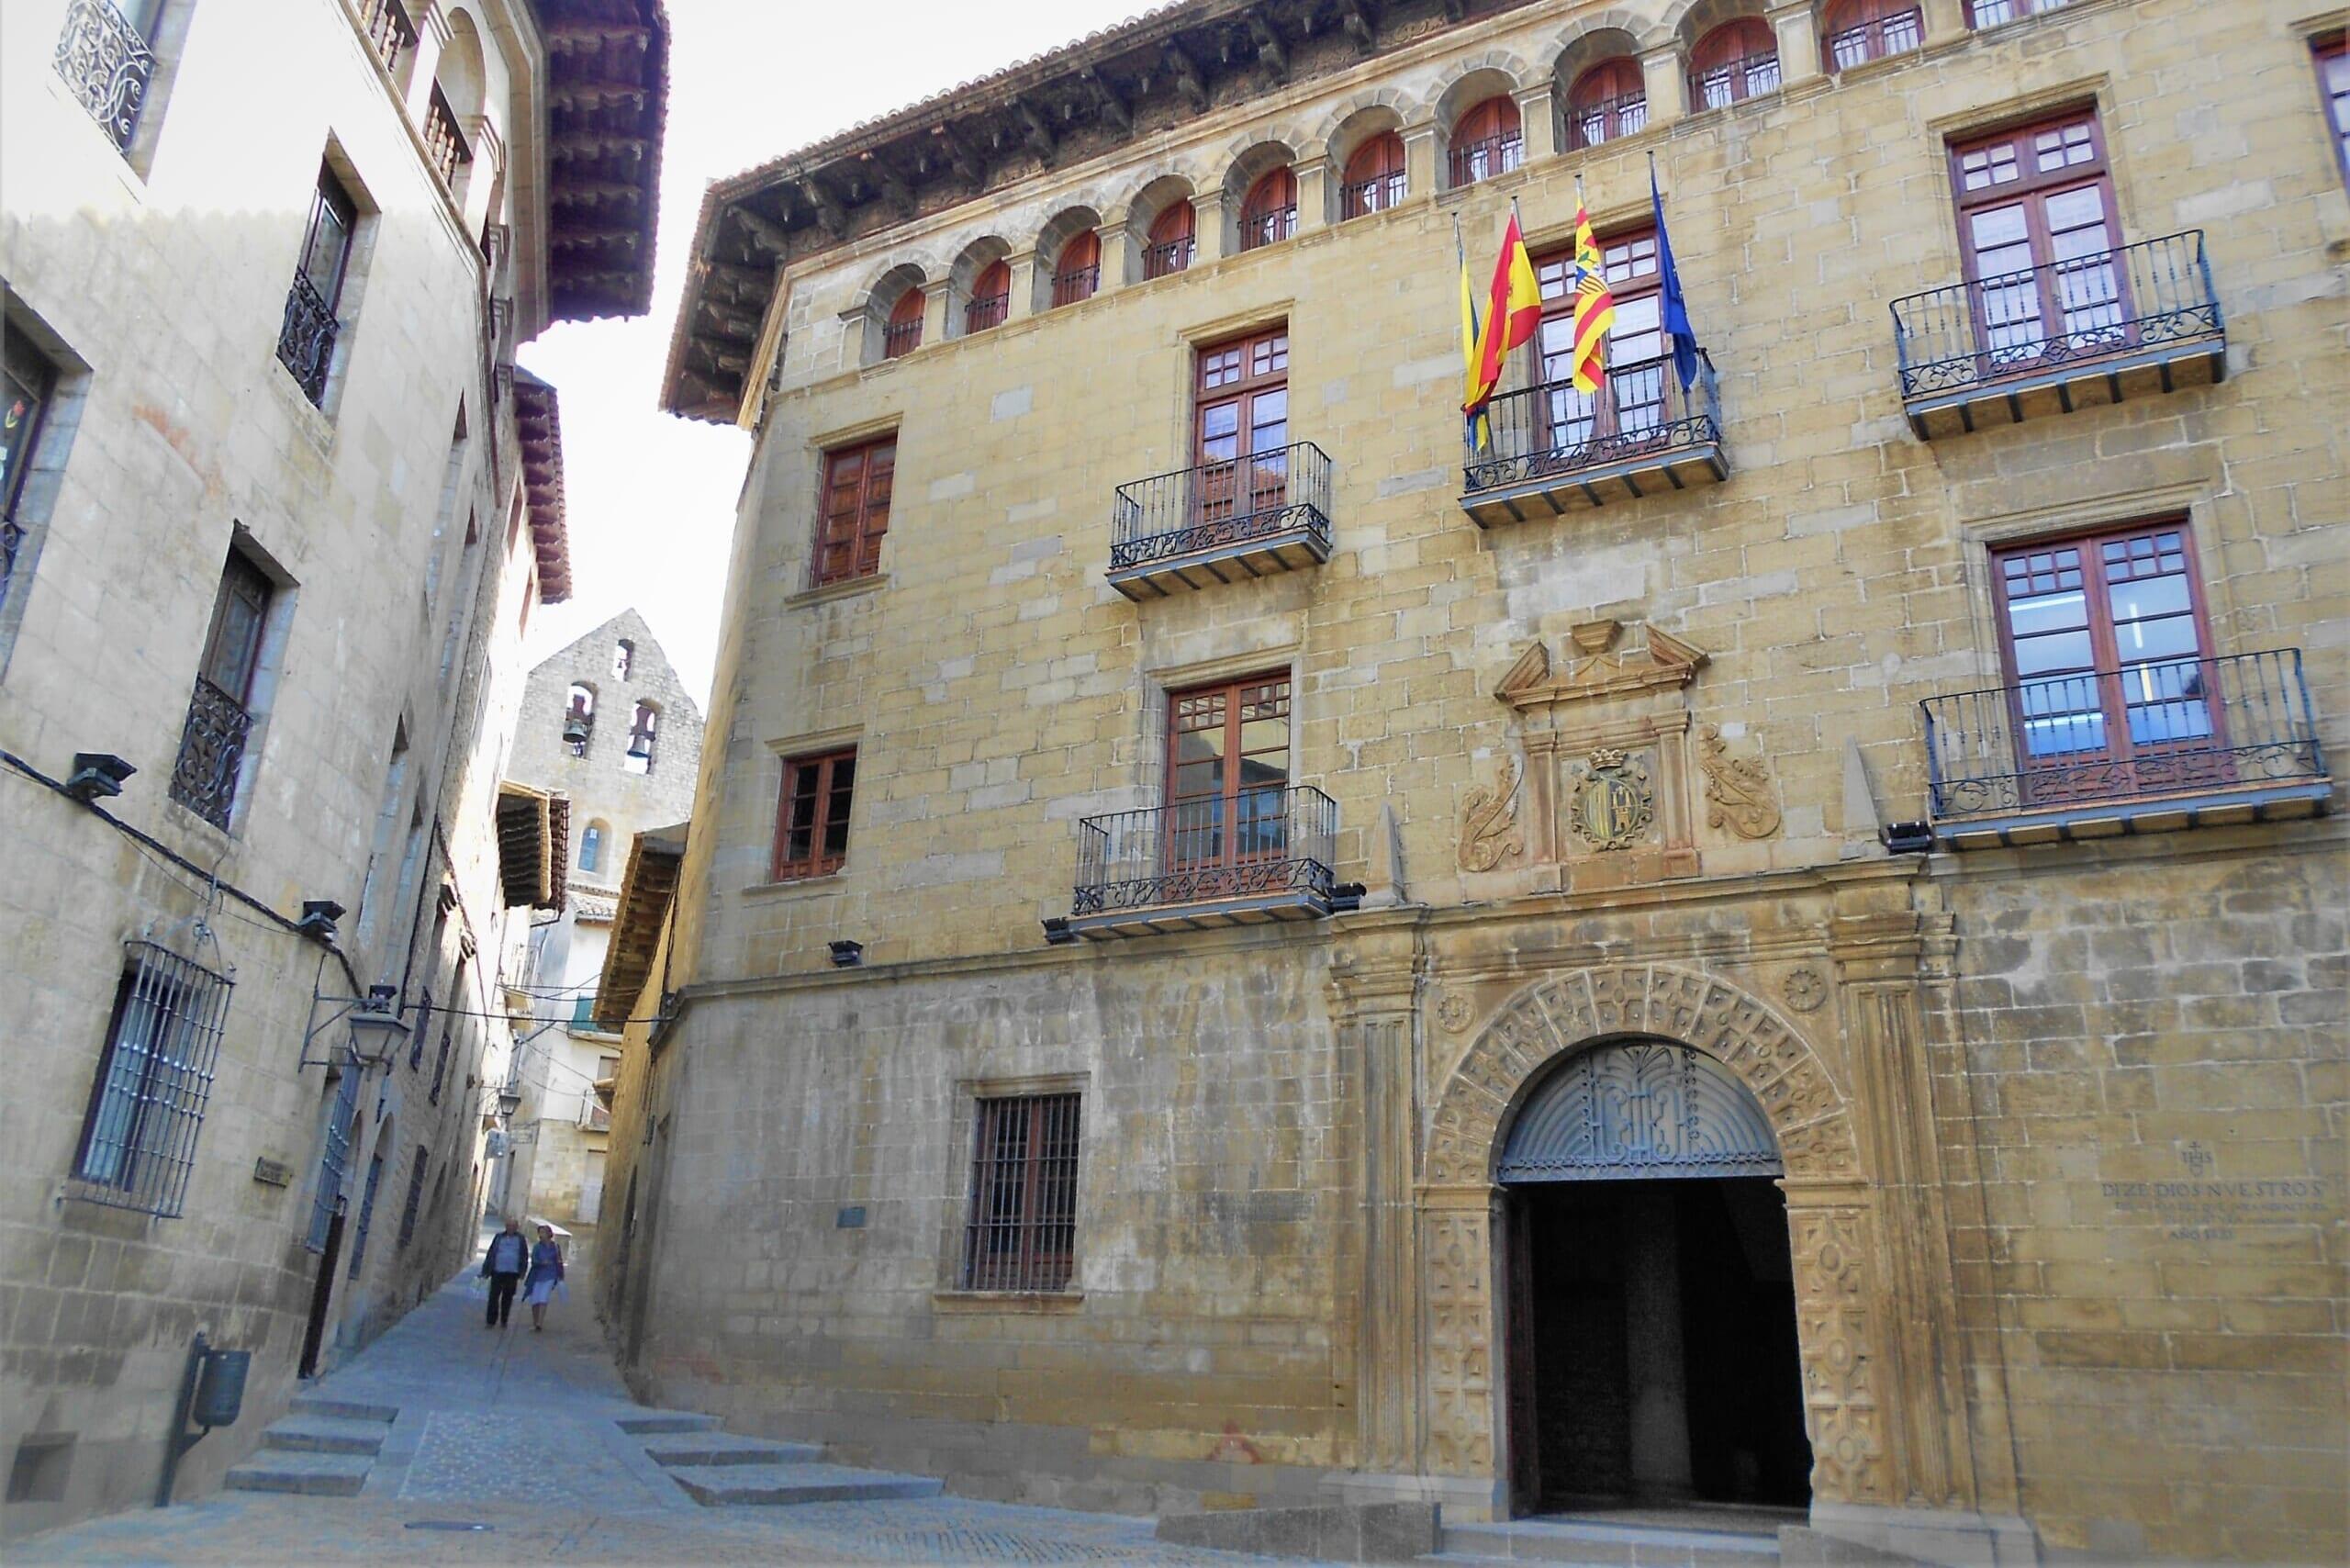 スペインの観光スポットであるアラゴンのソス・デル・レイ・カトリコ